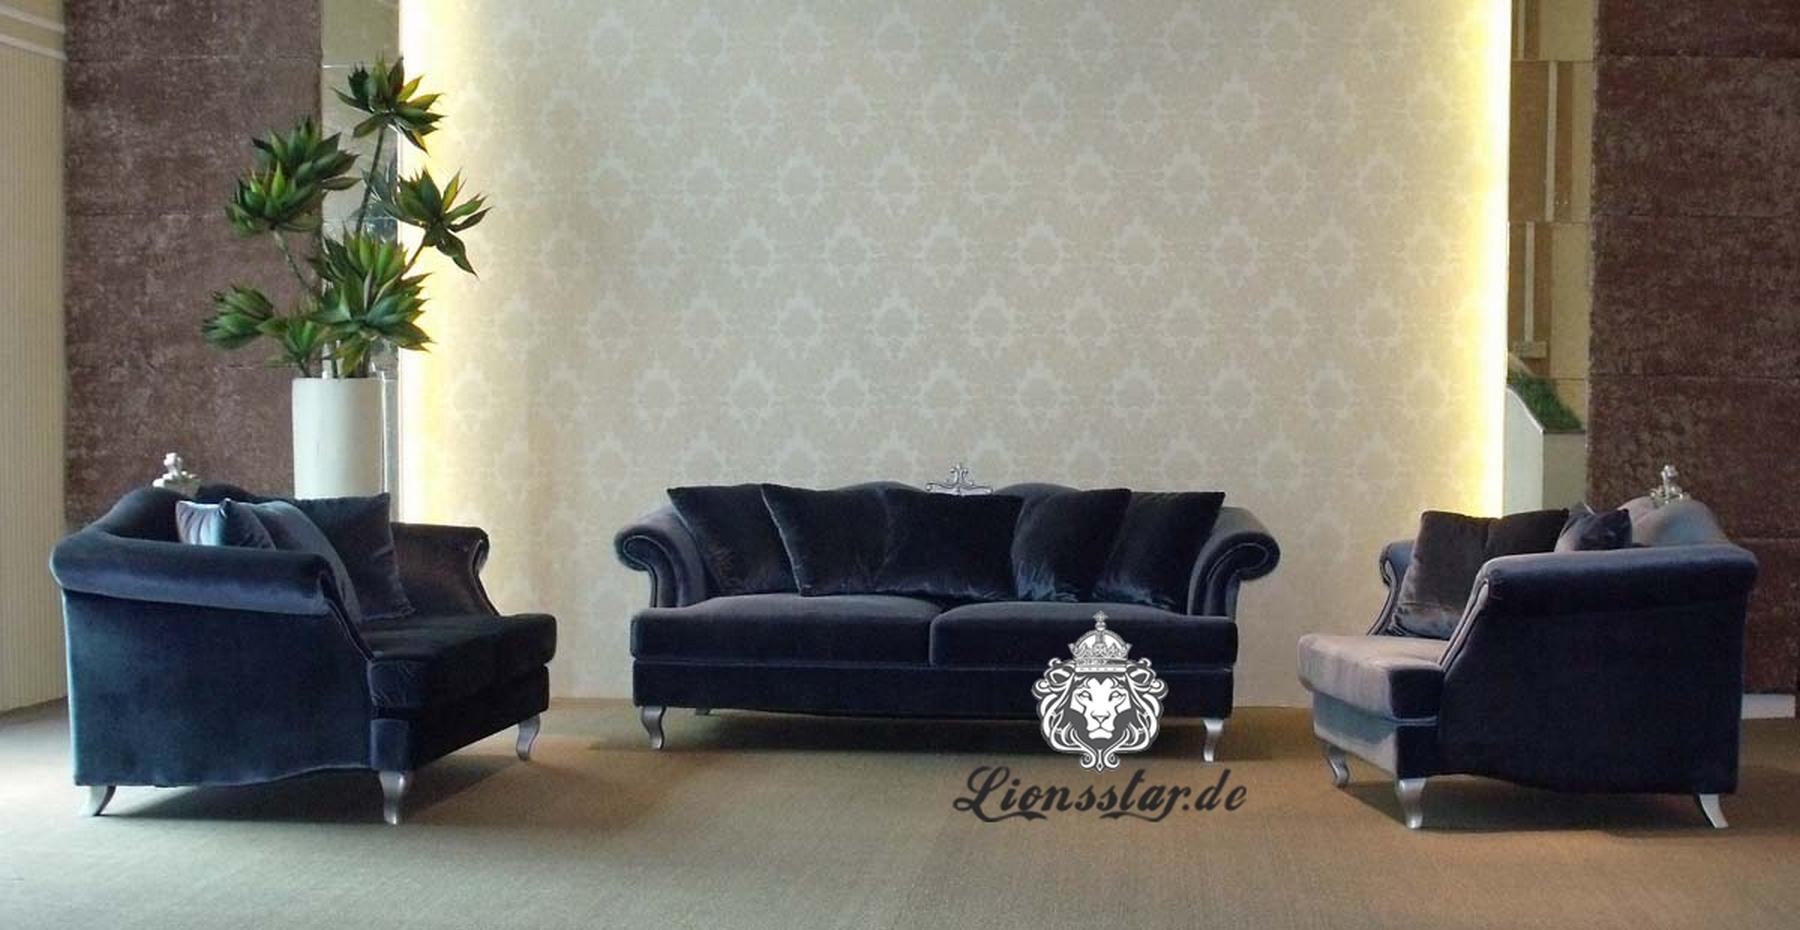 Wohnzimmer Sofaset Blau